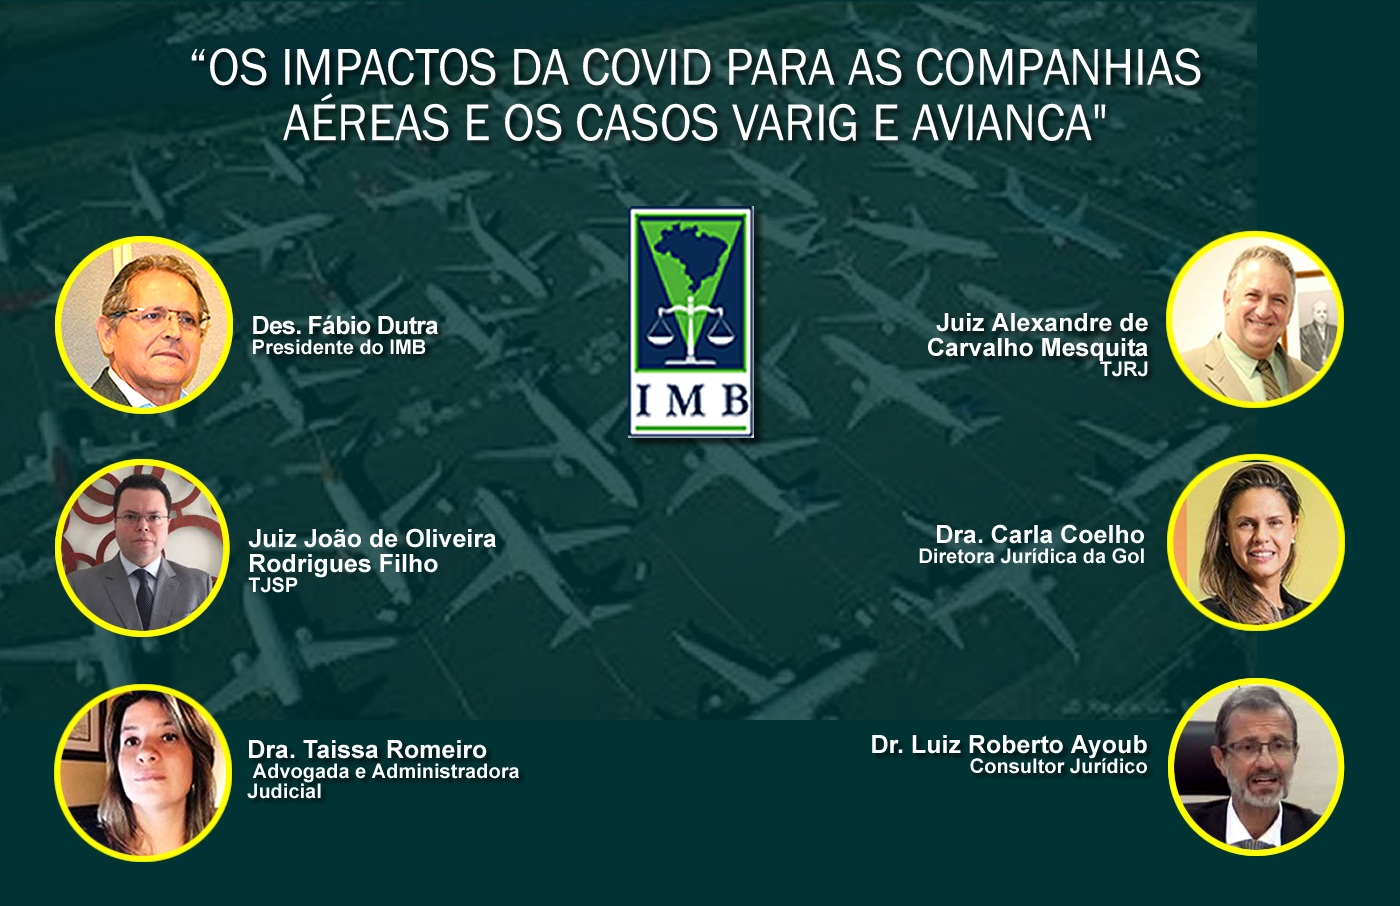 Os impactos da Covid para as Companhias Aéreas e os casos Varig e Avianca